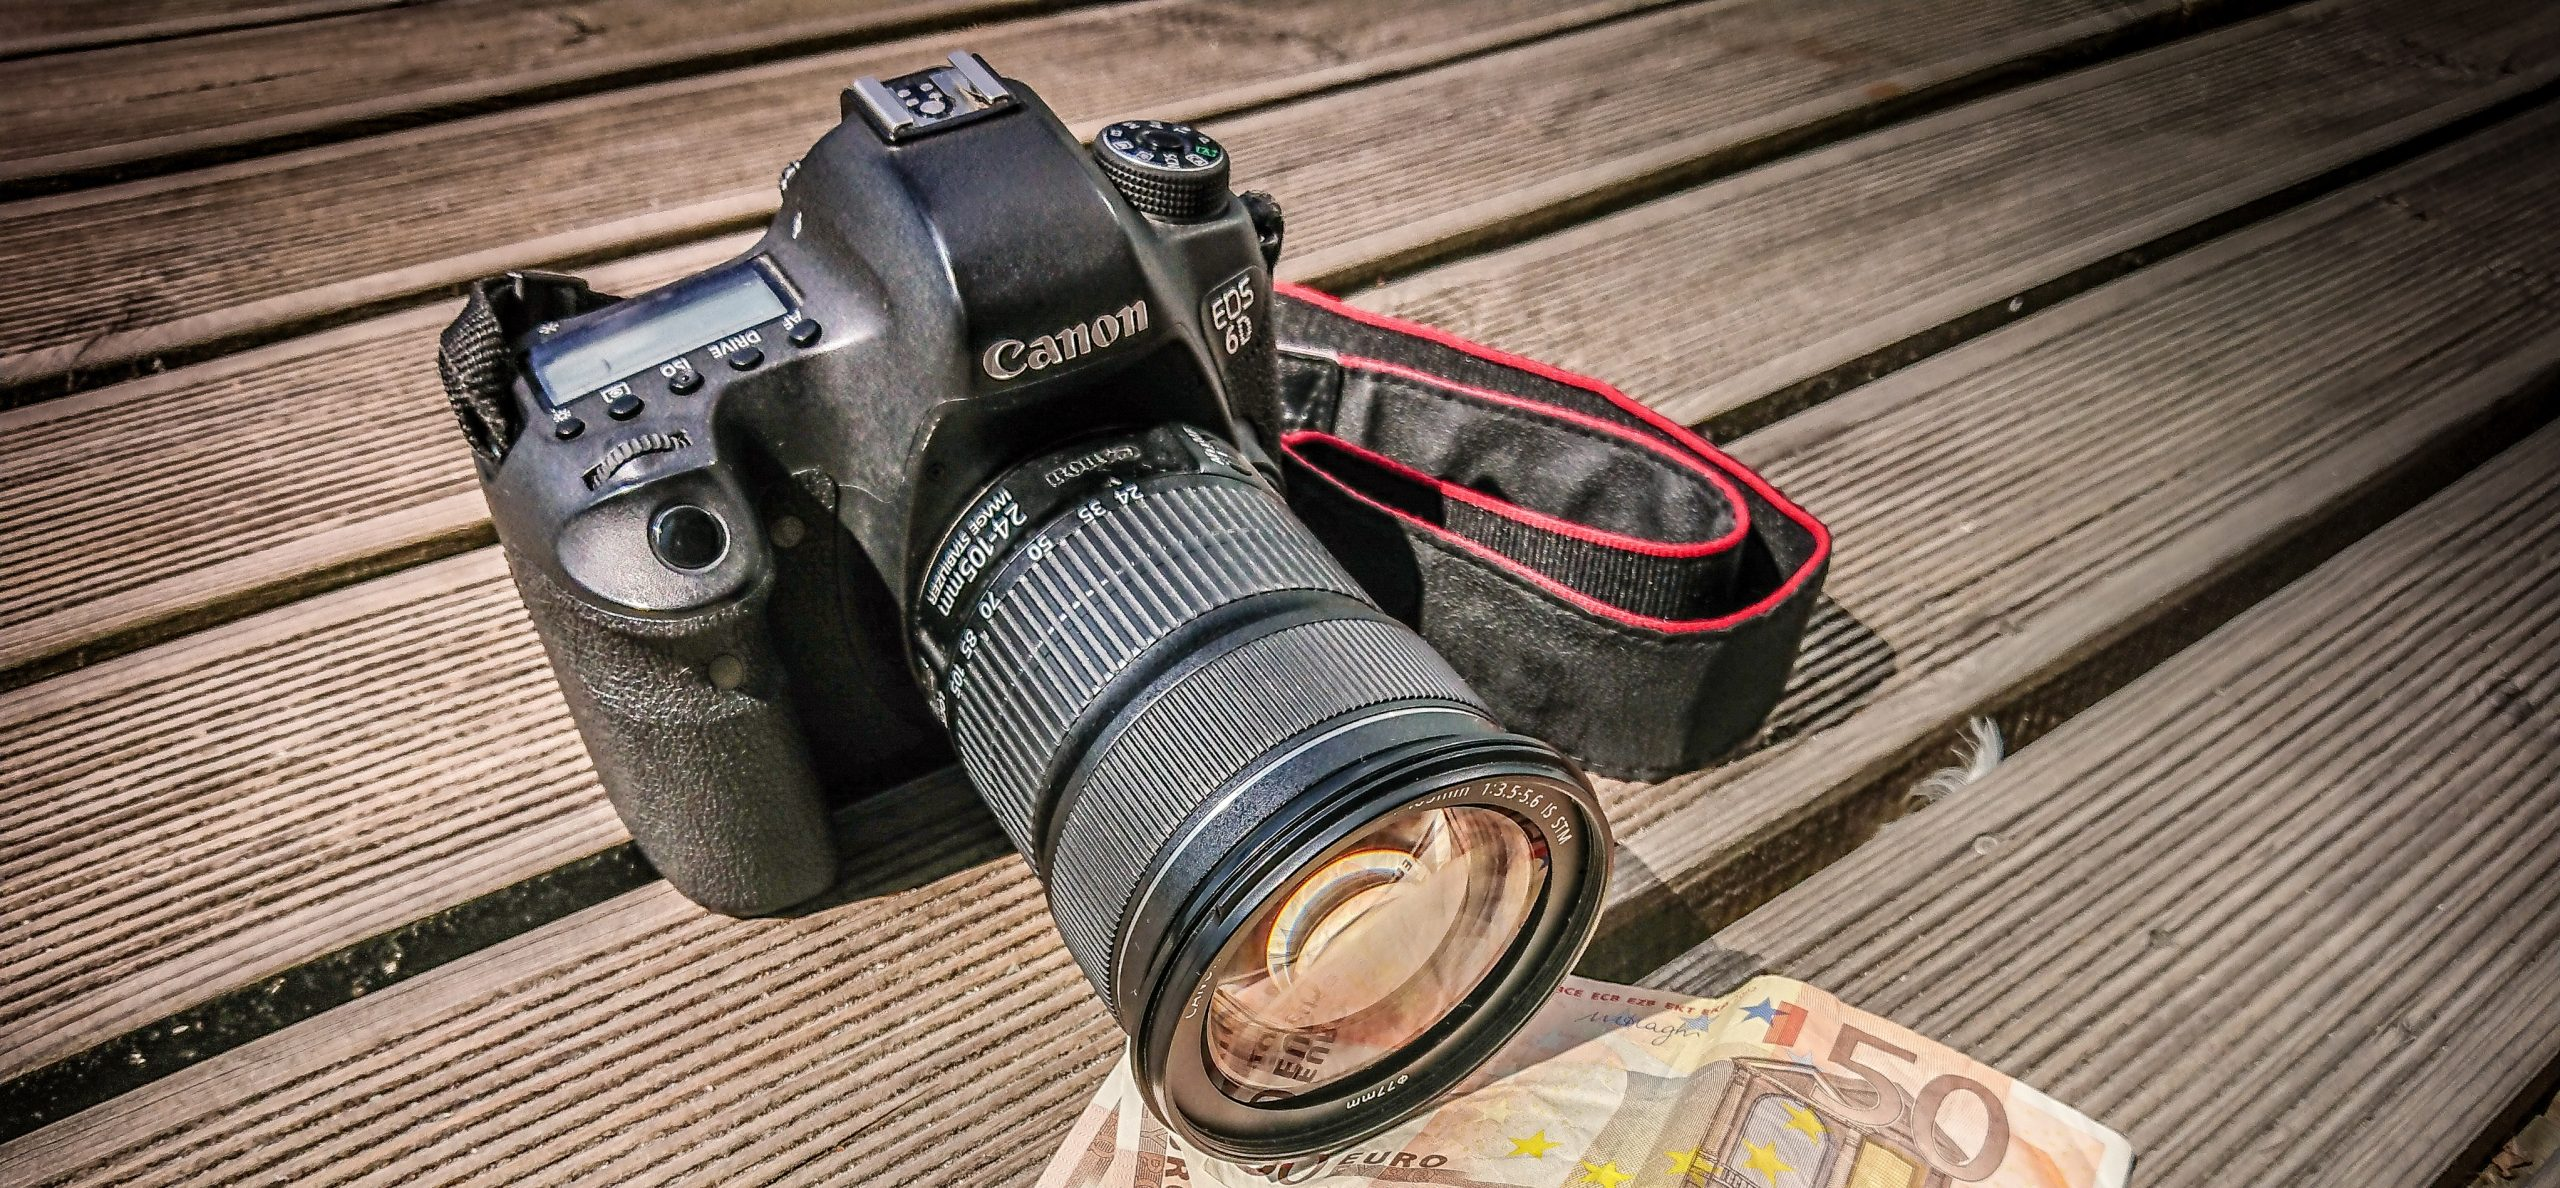 Miglior macchina fotografica Canon 2020: Guida all'acquisto